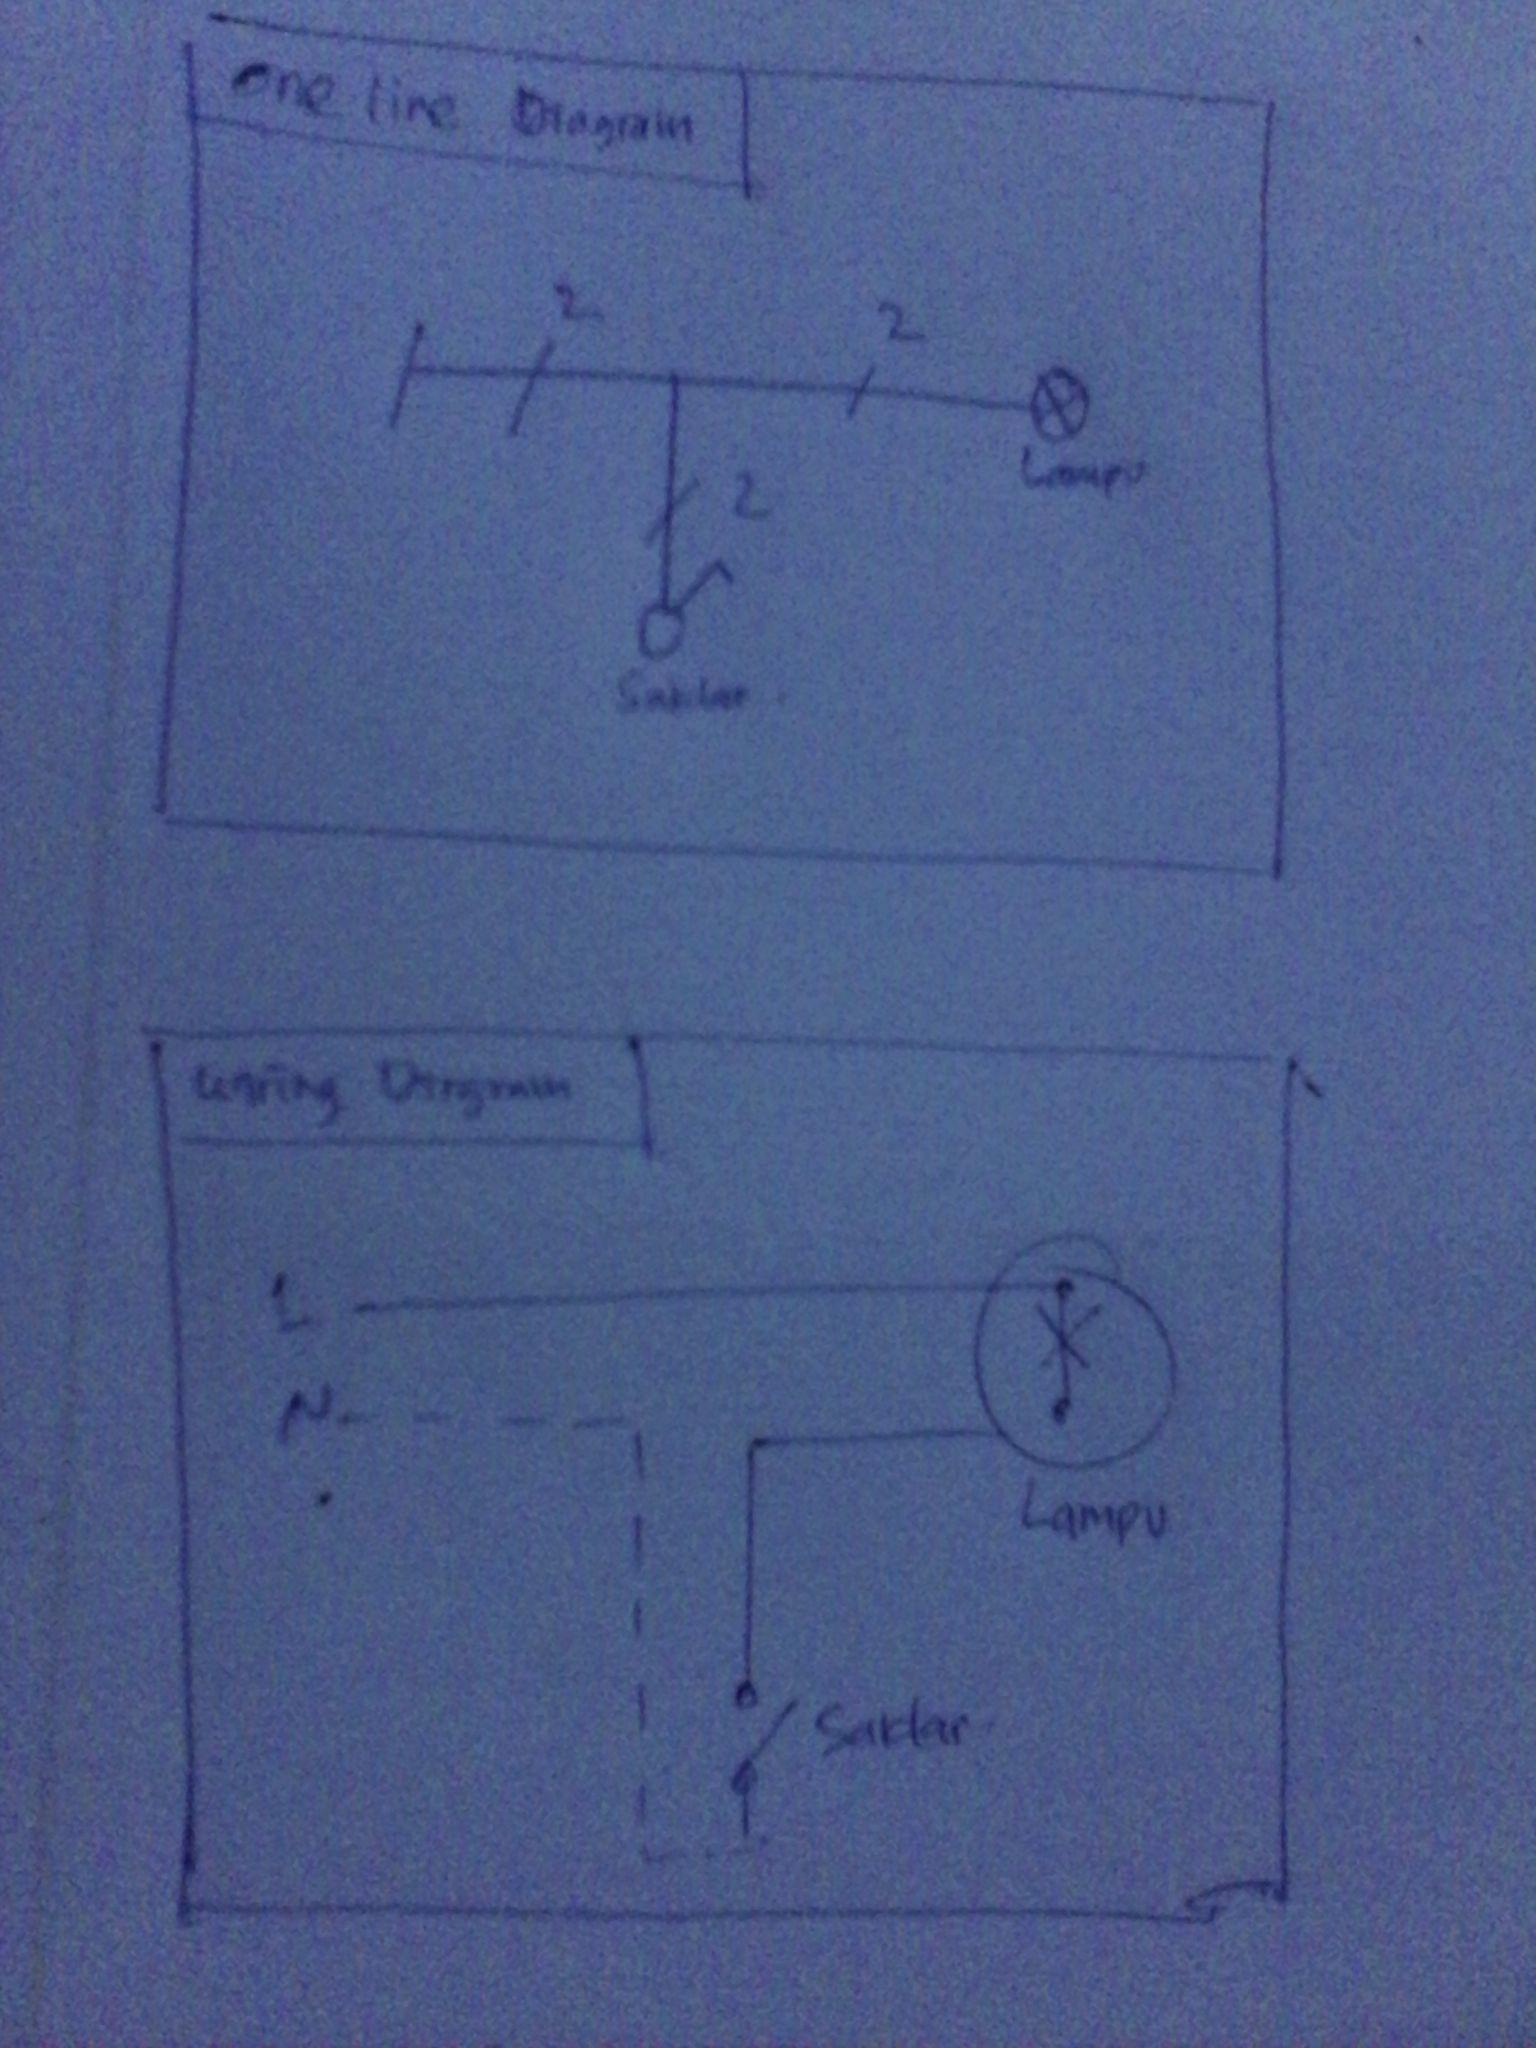 [GJFJ_338]  A094 Penerangan Gambar Single Line Wiring Diagram | Wiring Resources | Penerangan Gambar Single Line Wiring Diagram |  | Wiring Resources